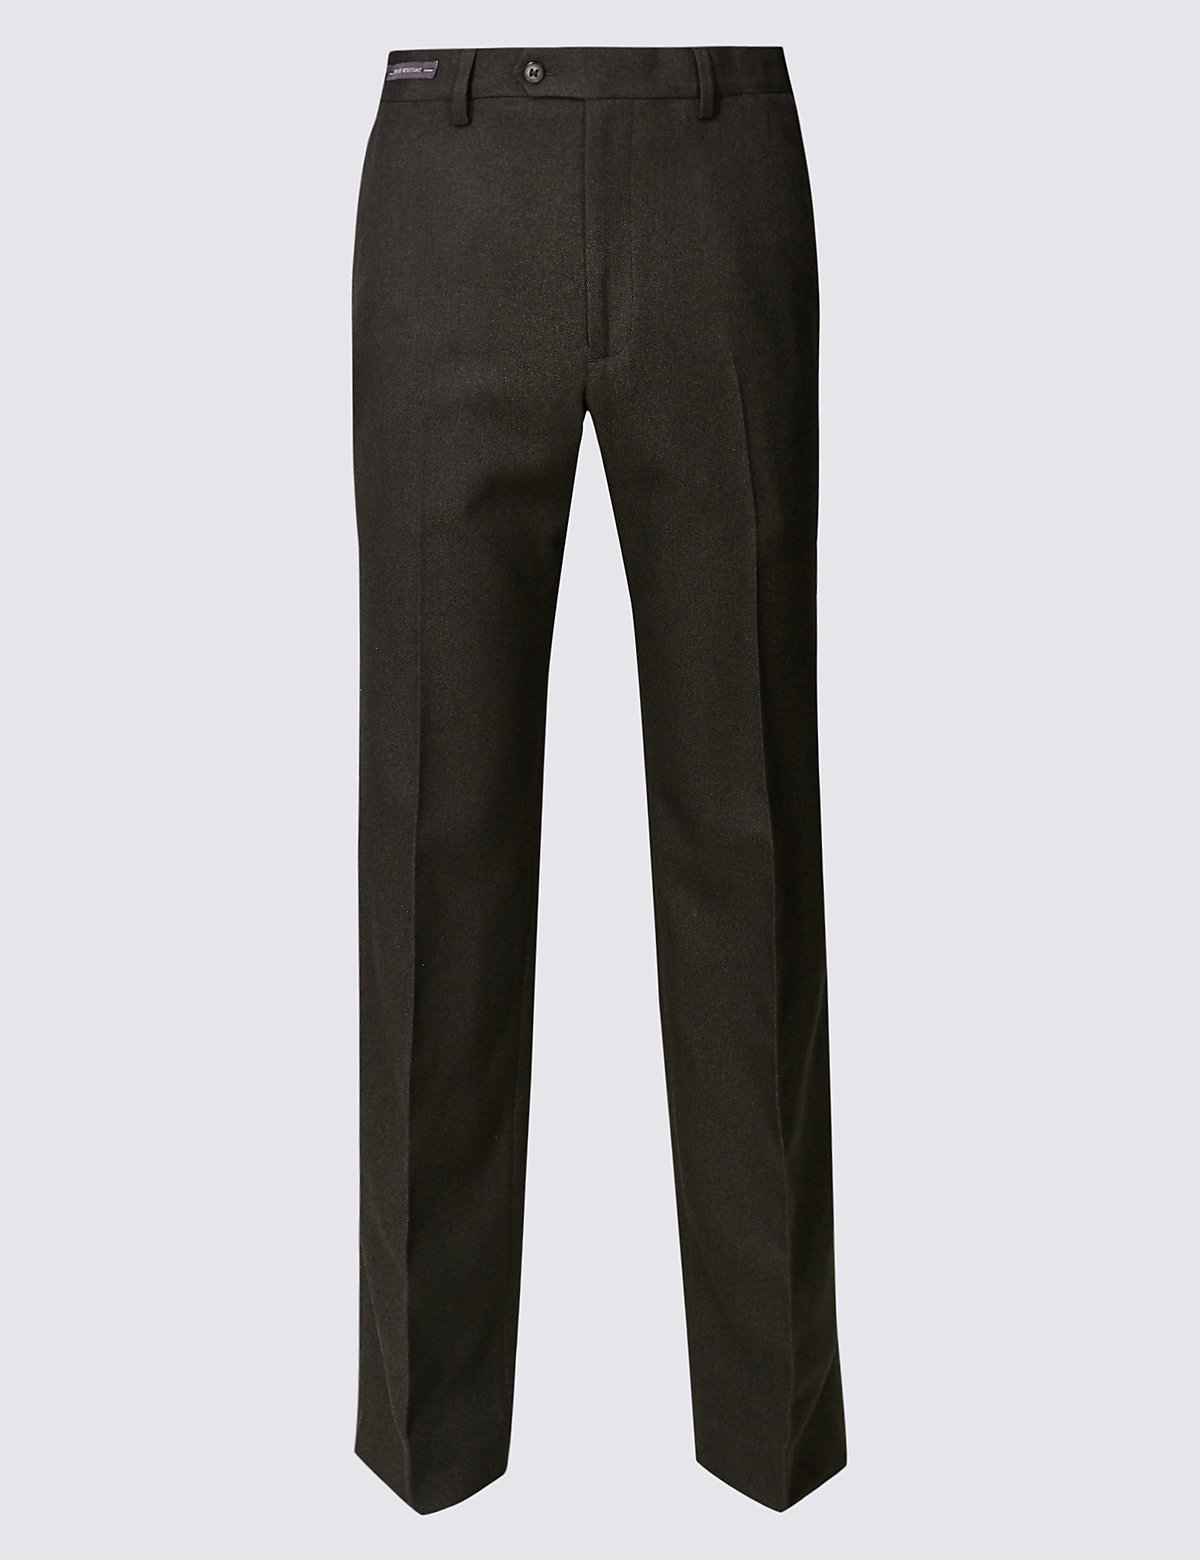 Брюки мужские классического кроя из 100%-го полиэстра M&S Collection. Цвет: коричневый